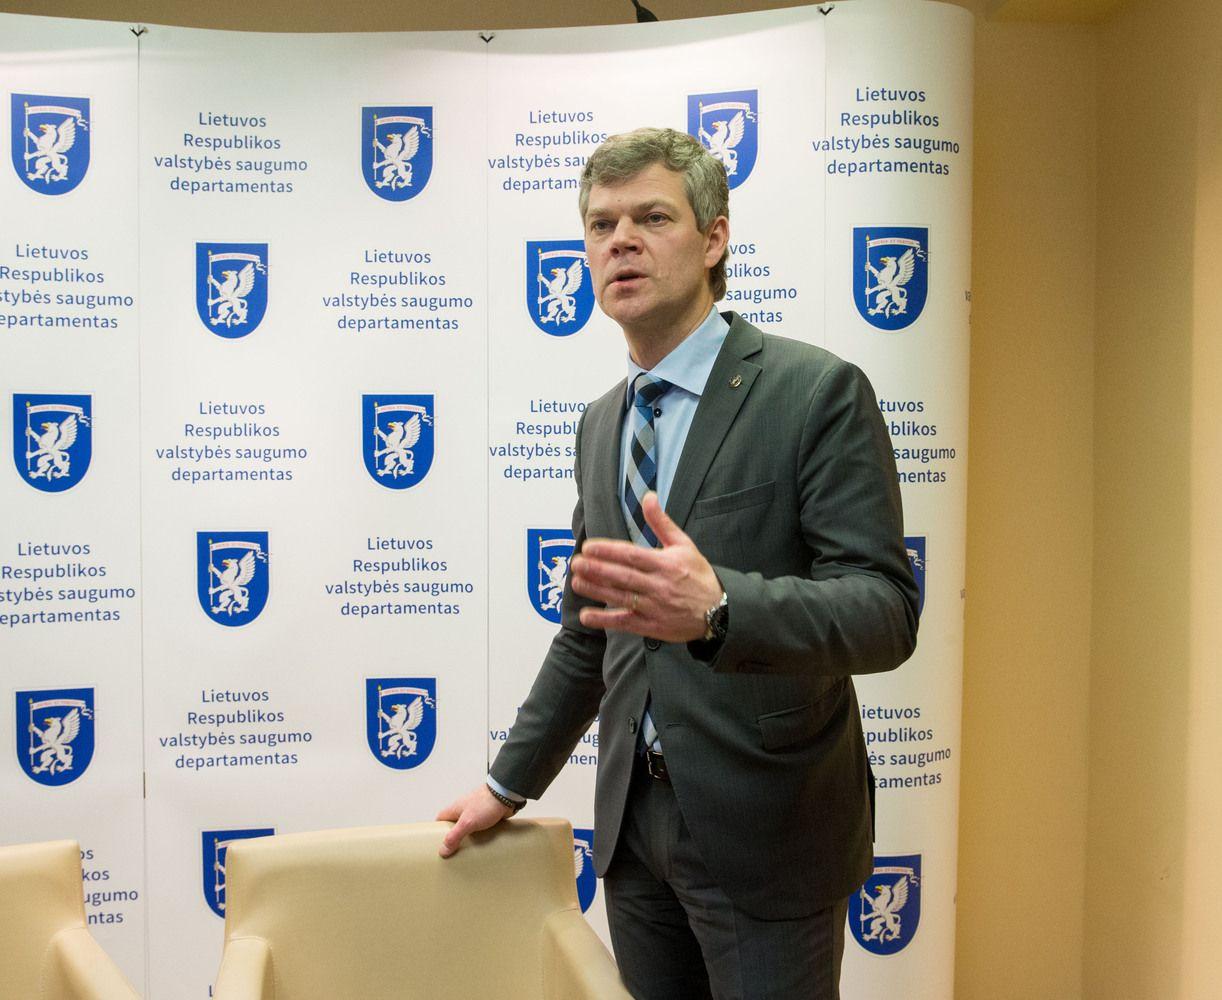 Interviu su VSD vadovu: apie verslo kontrolę, politikų patikimumą, Rusiją